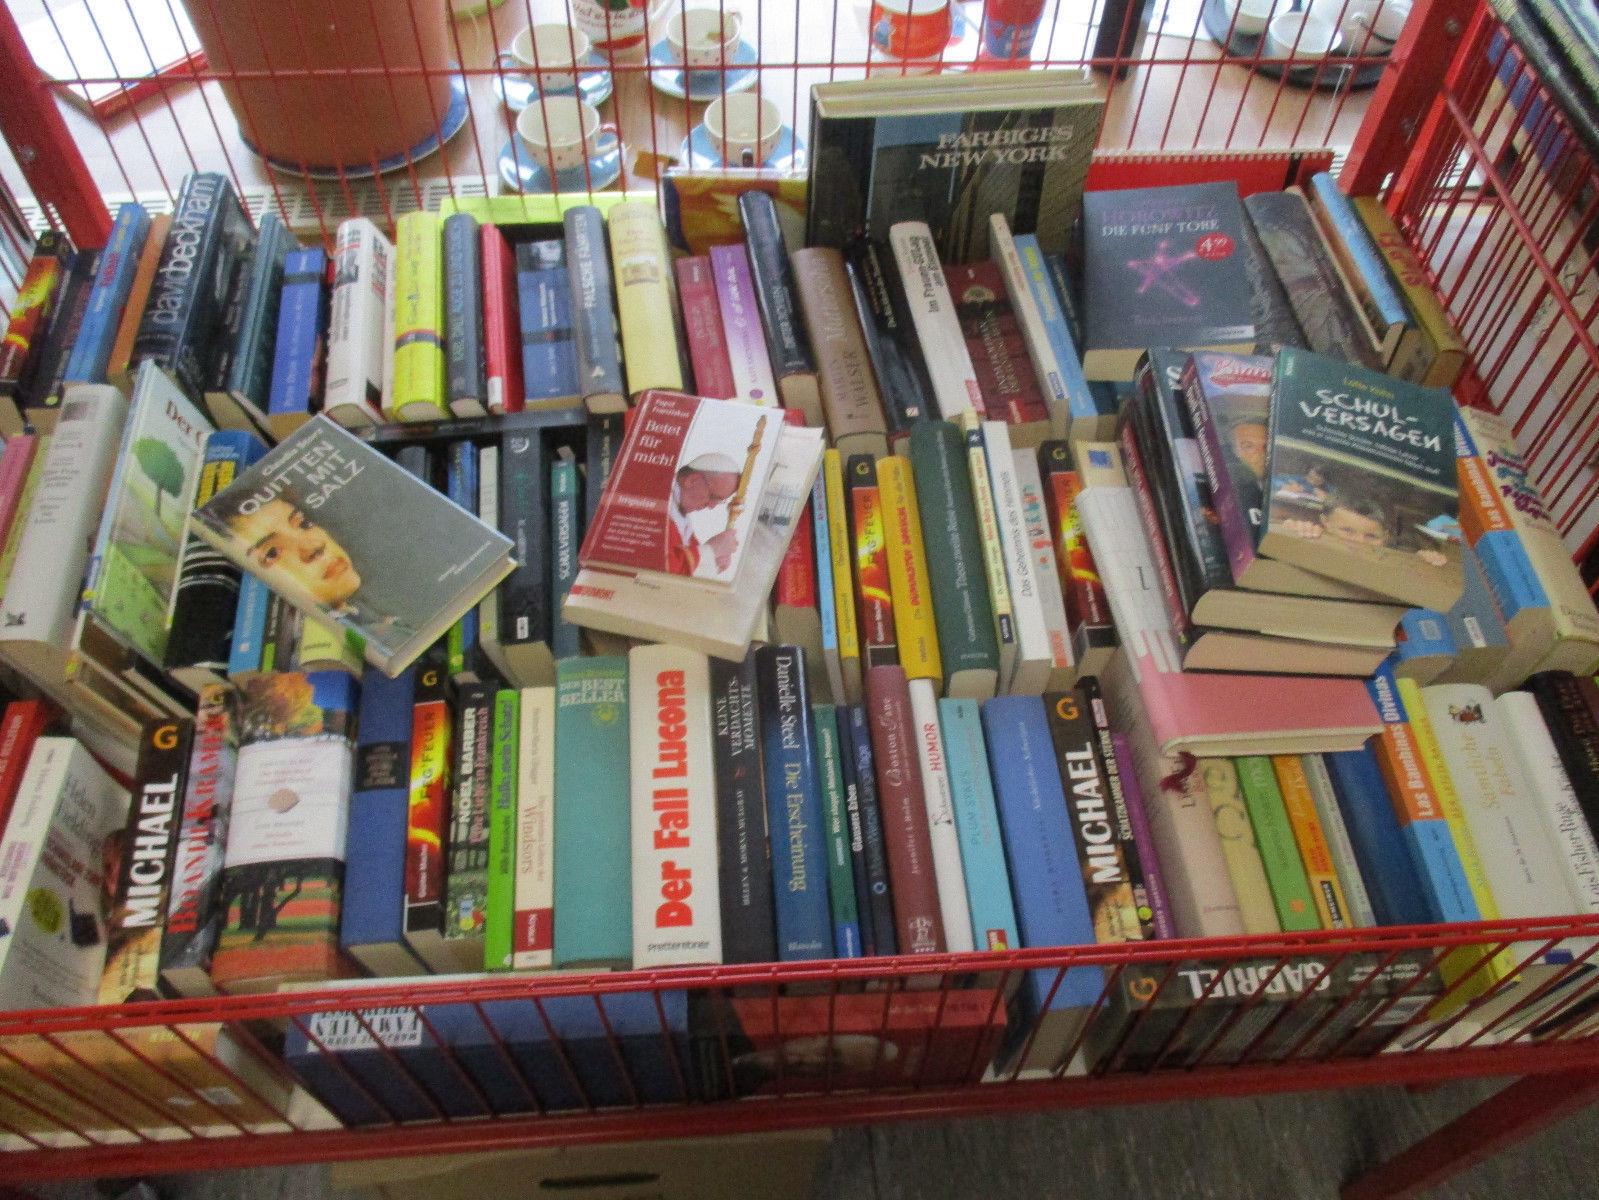 Bücherkiste - Romane - bunt gemischt, gebraucht, ca 40-50 Stück, Konvolut